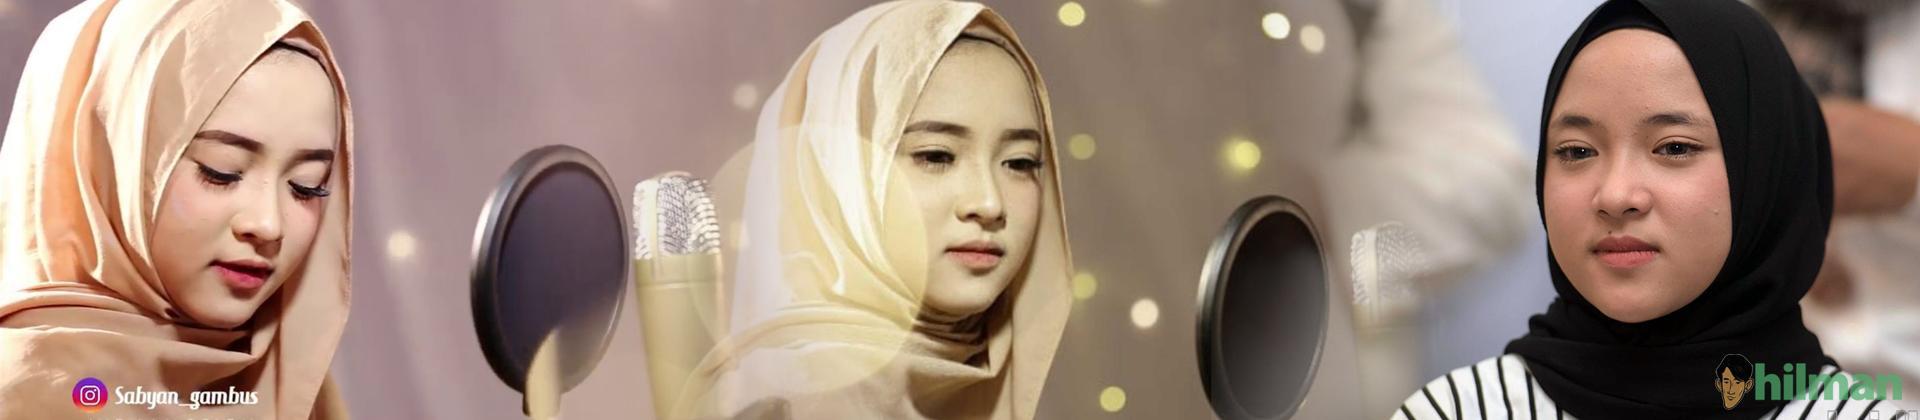 Nissa Sabyan Gambus merilis single pertamanya yang berjudul Ya Maulana (Wahai Tuhanku)